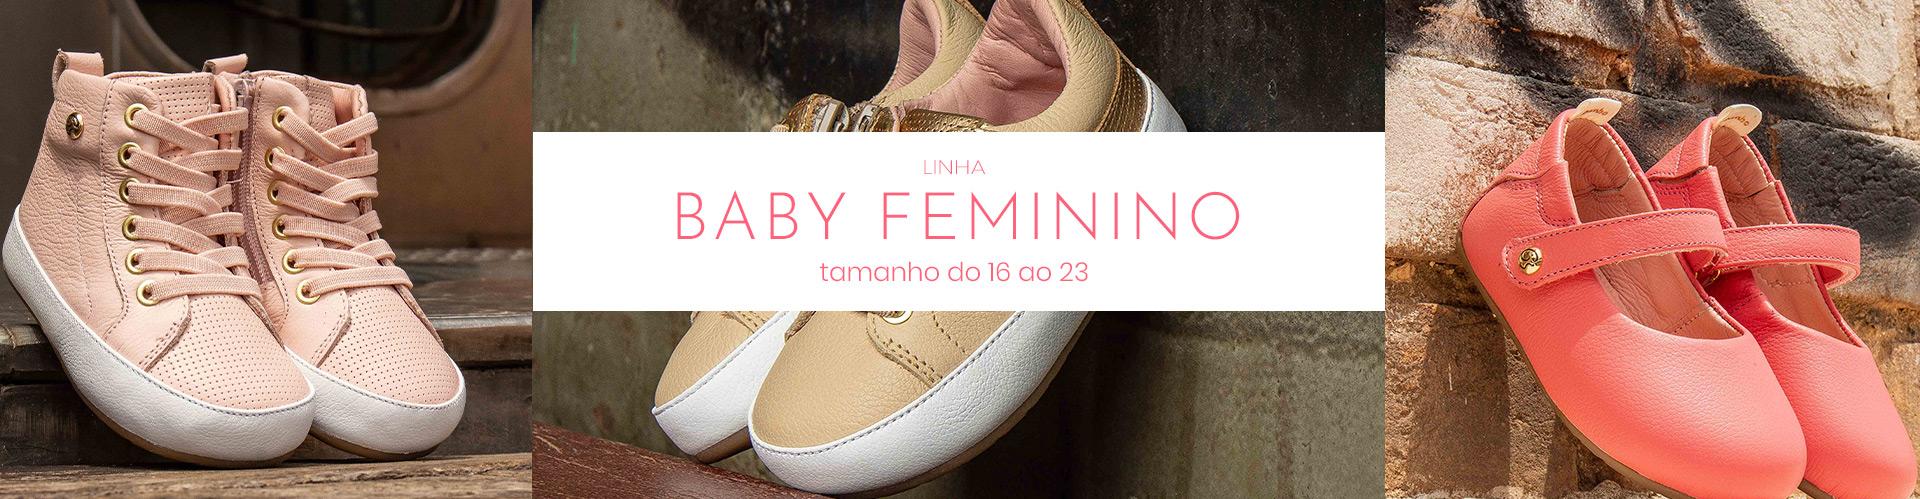 Baby Feminino